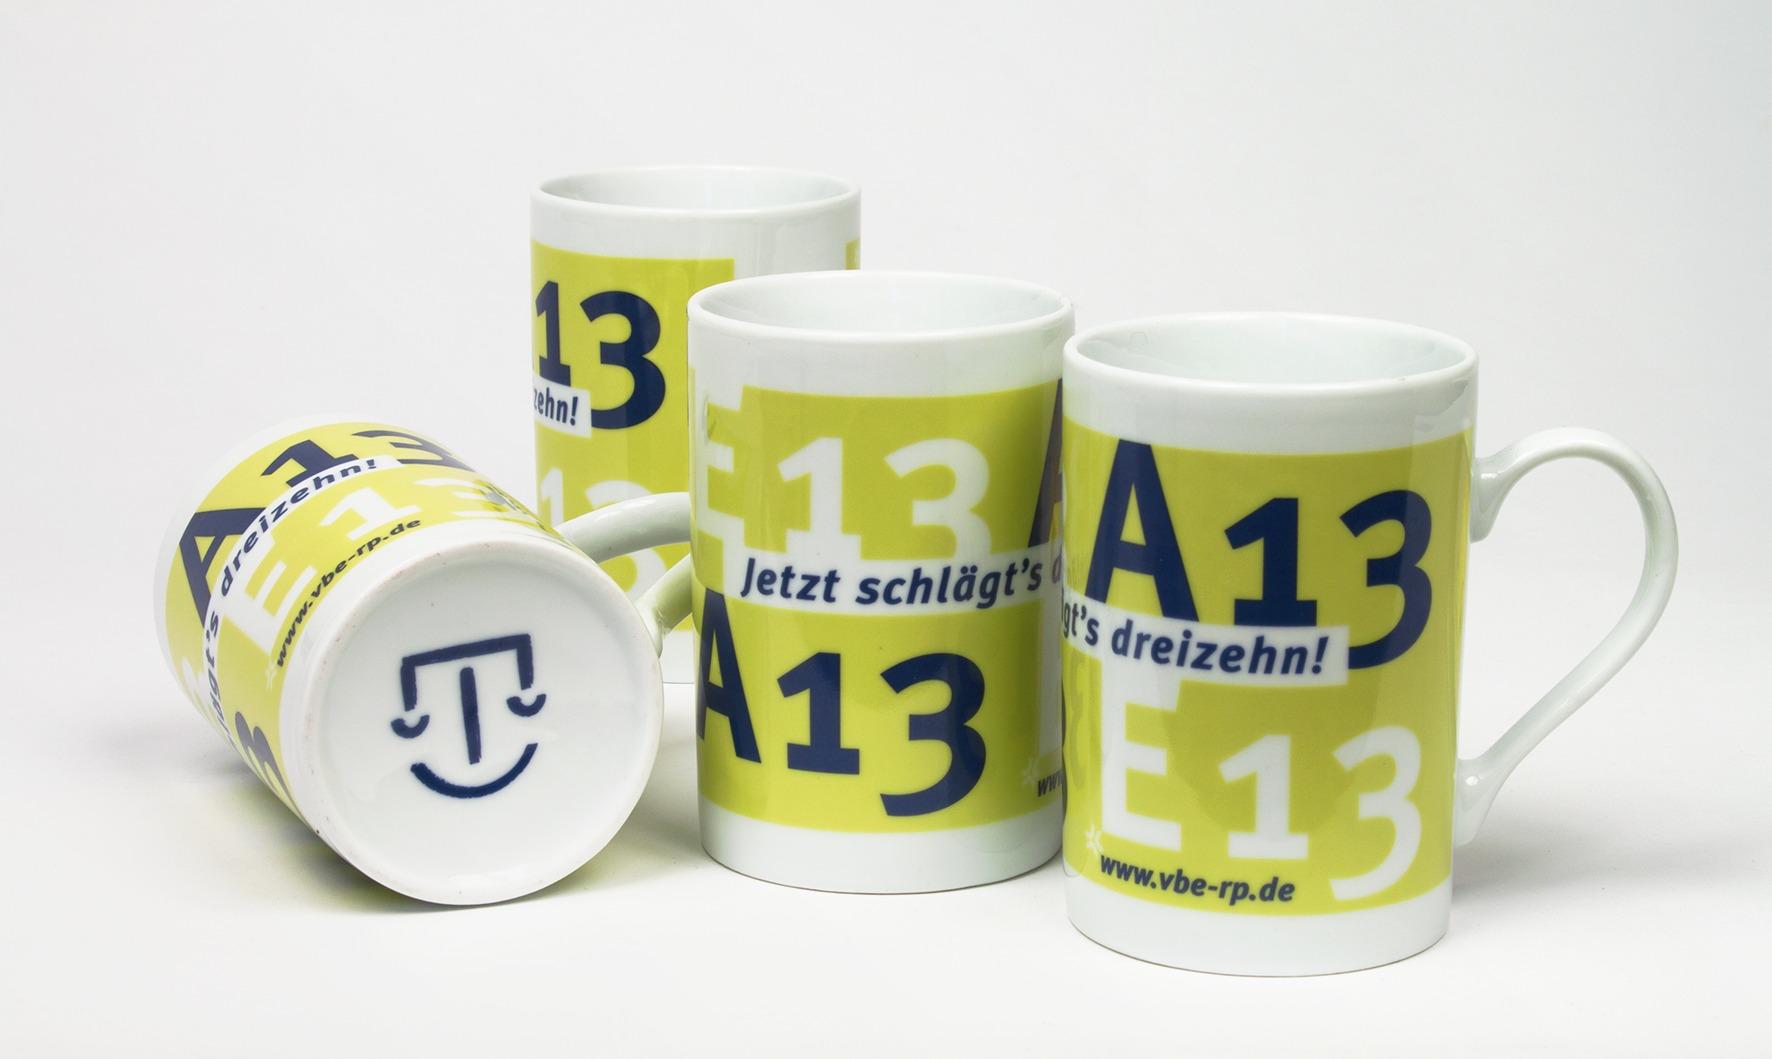 Tassen mit Aufdruck - Entwurf für A13-Kampagne - Merchandizing - Typoly